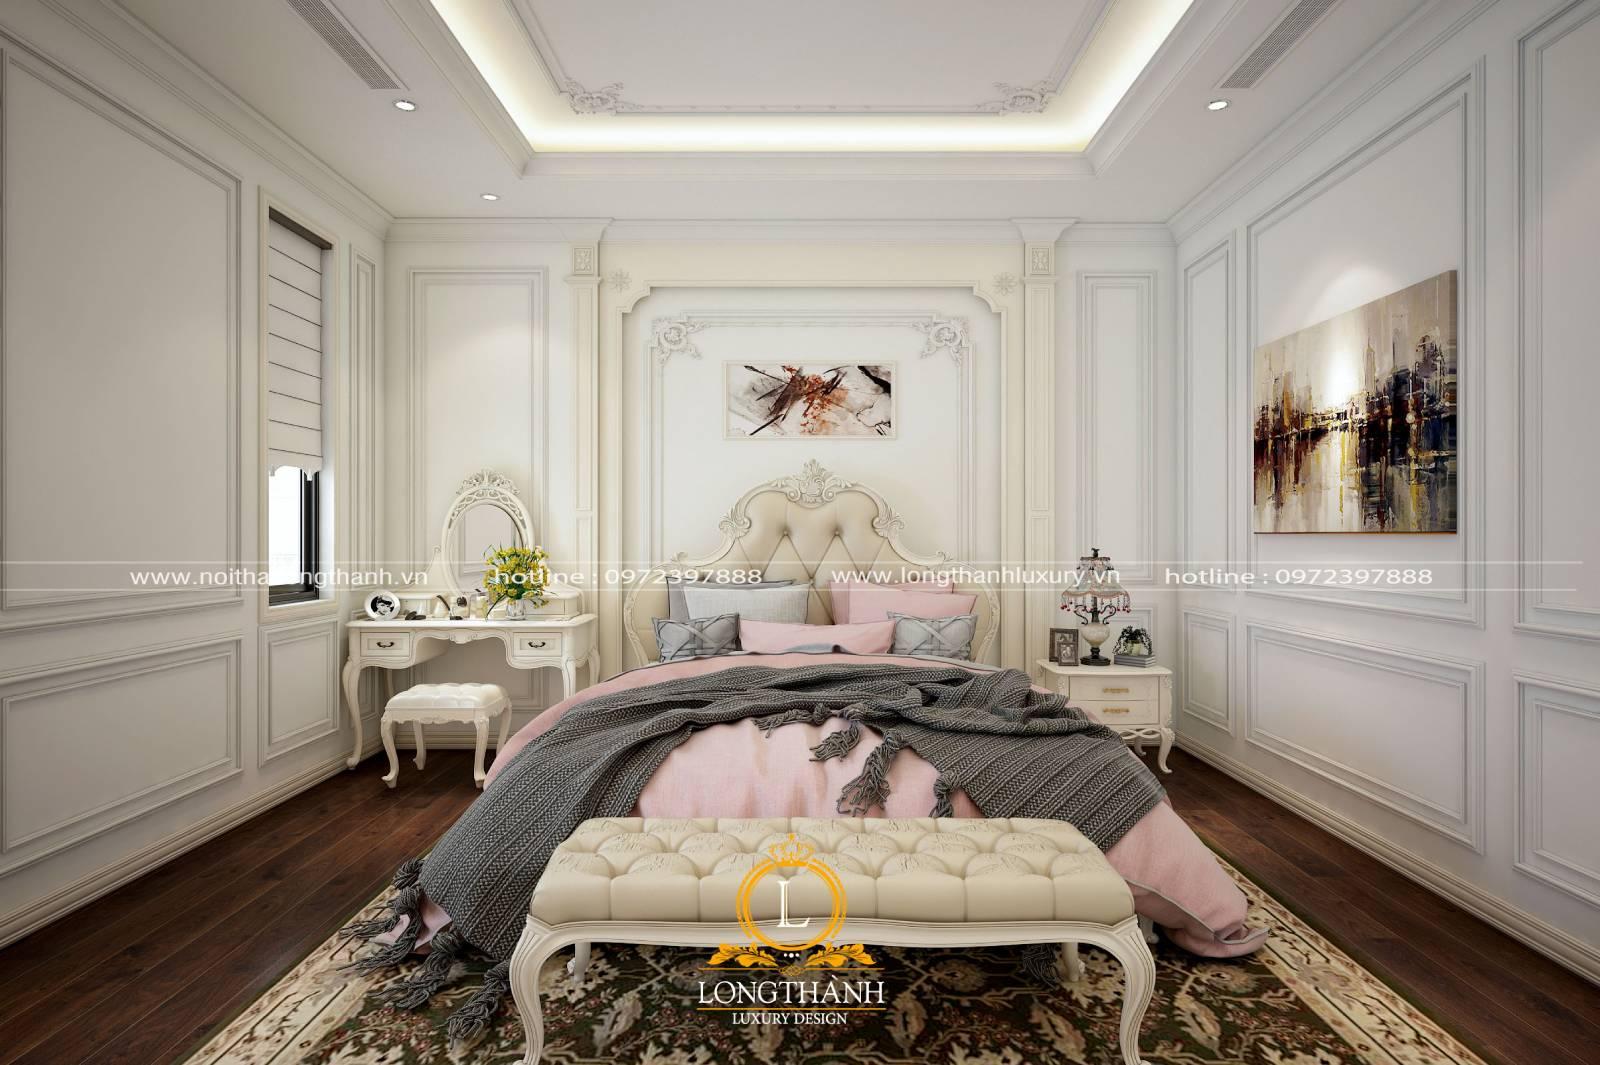 Mẫu giường ngủ bằng da đẹp đơn giản cho phòng ngủ bé gái